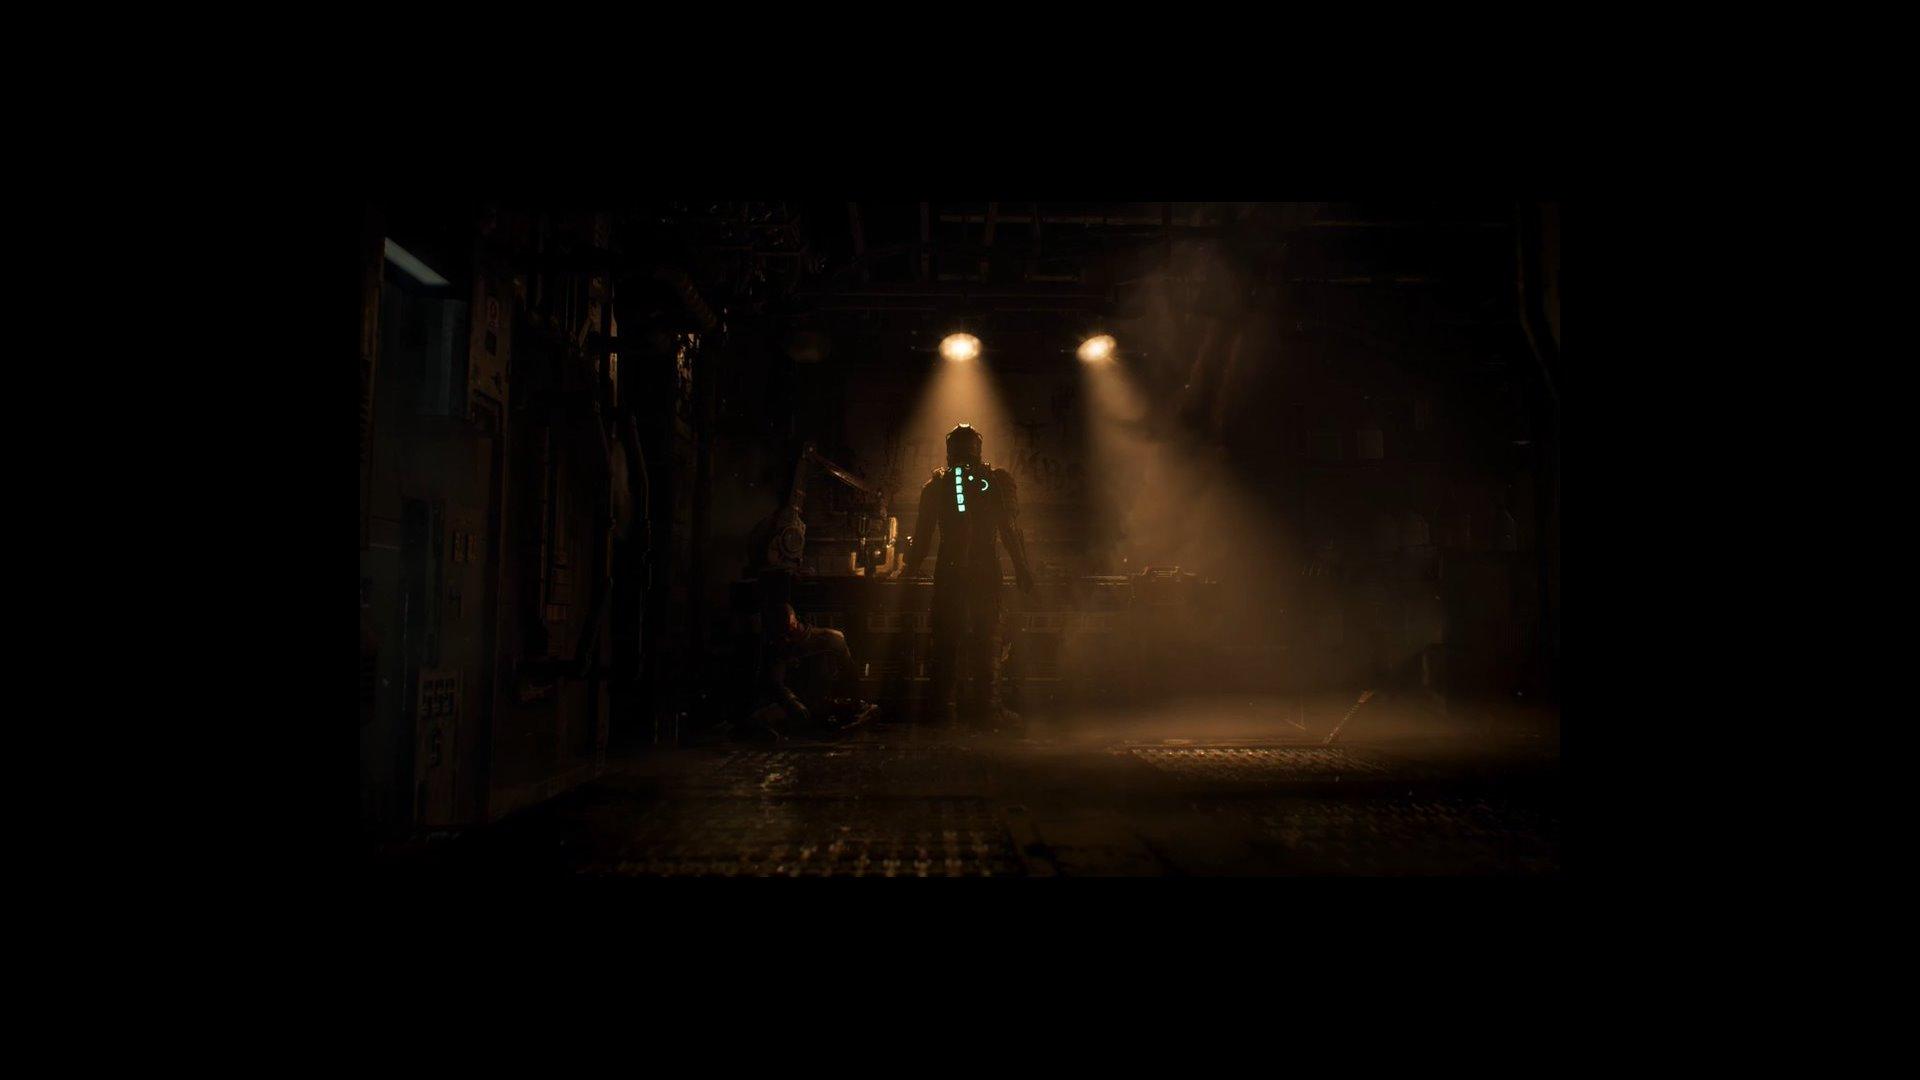 آیزاک کلارک در بازسازی دد اسپیس